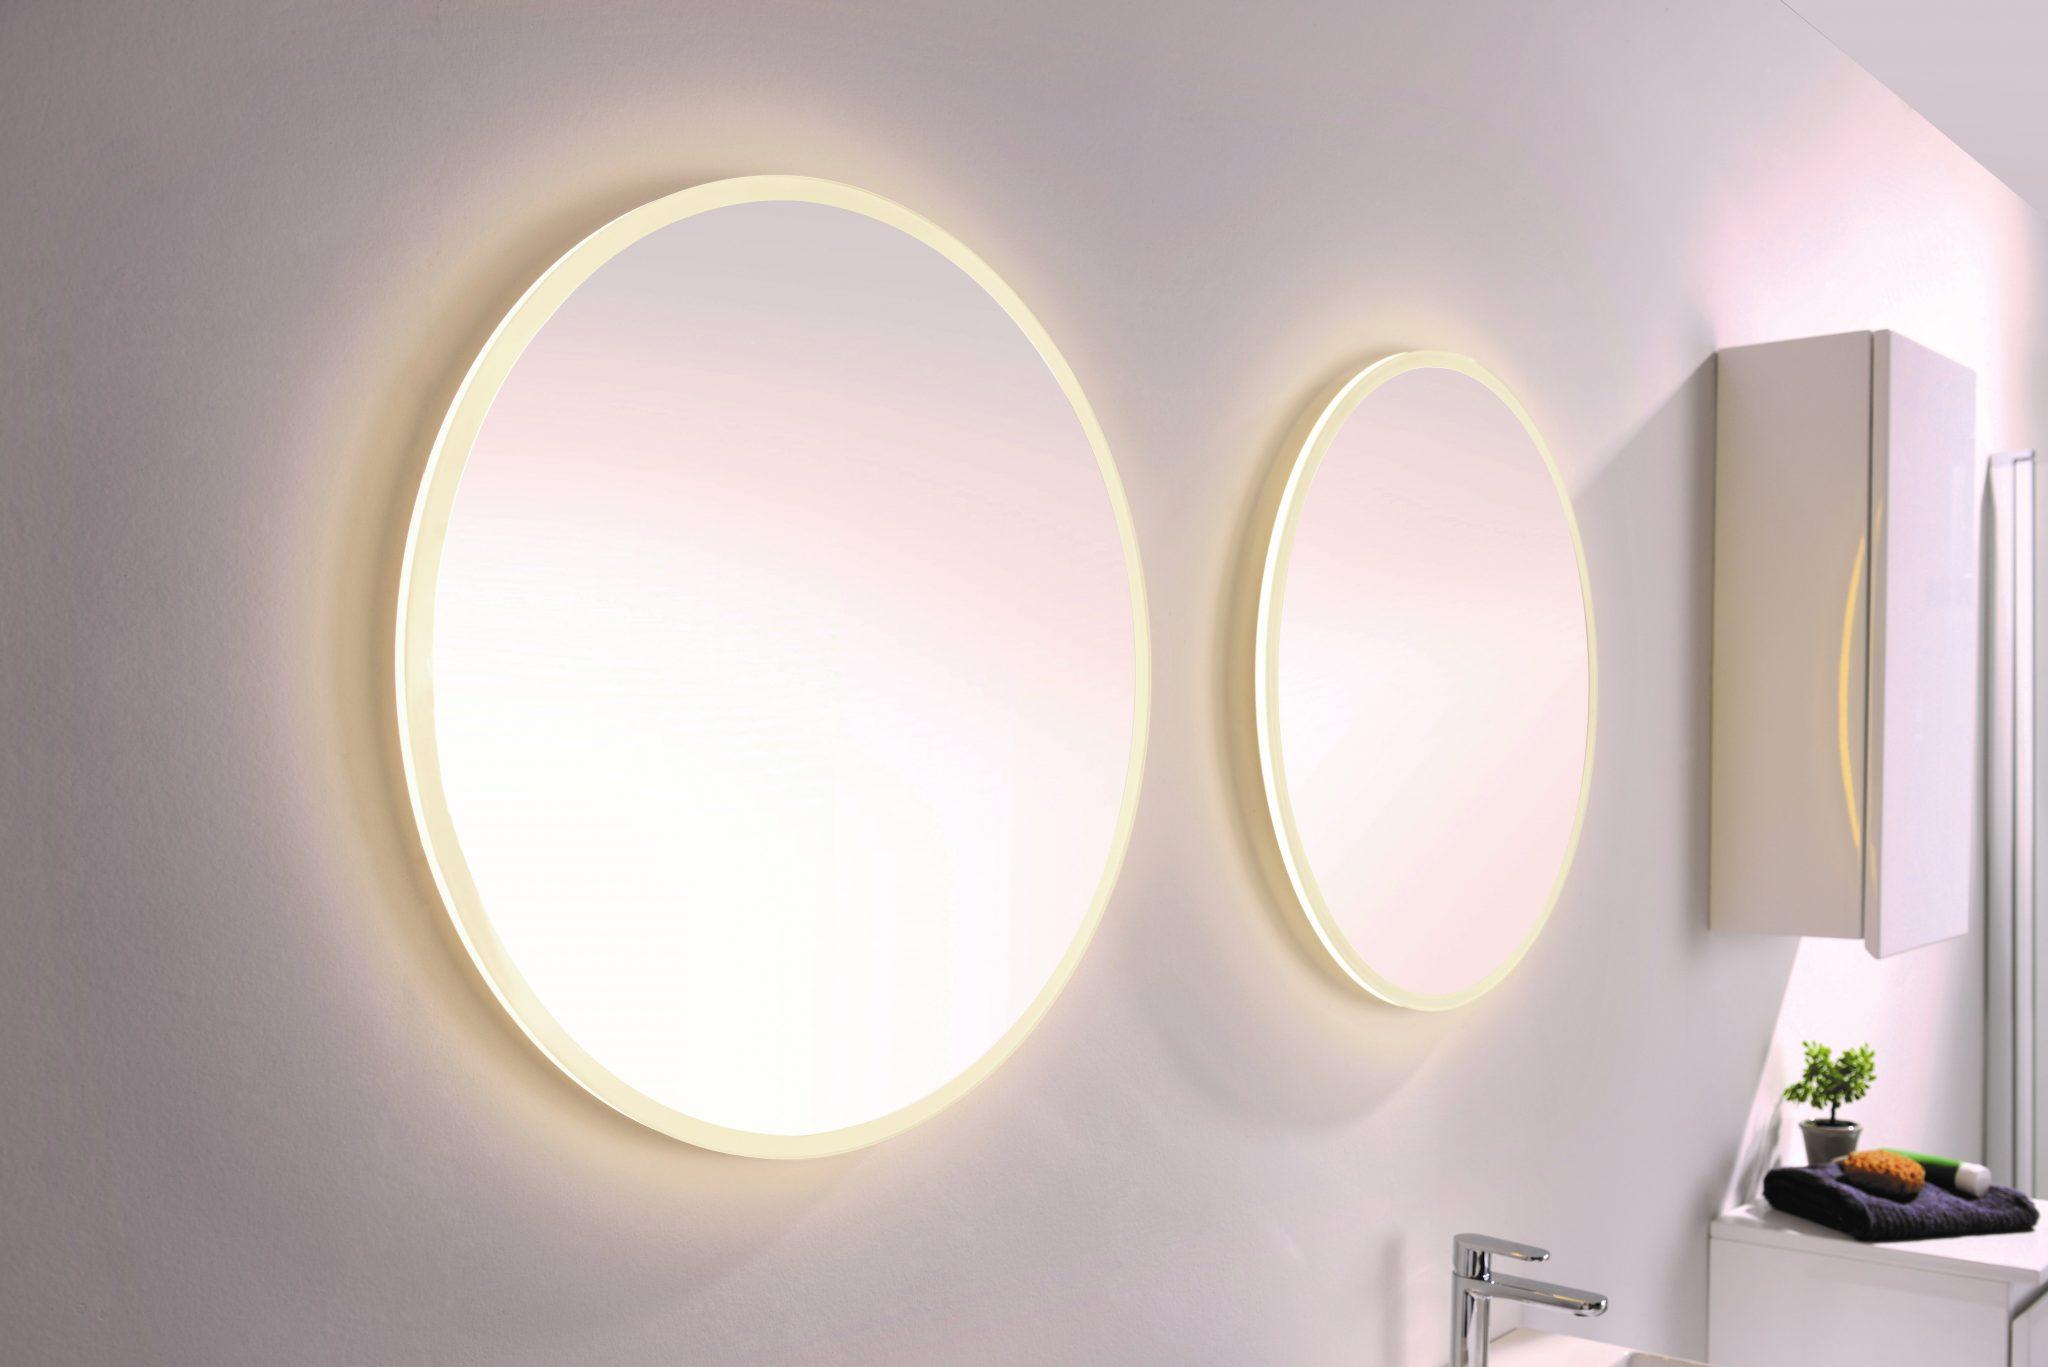 Forskjellige Tivoli rundt speil med LED-lys Ø110 cm - Modena Fliser DP-01